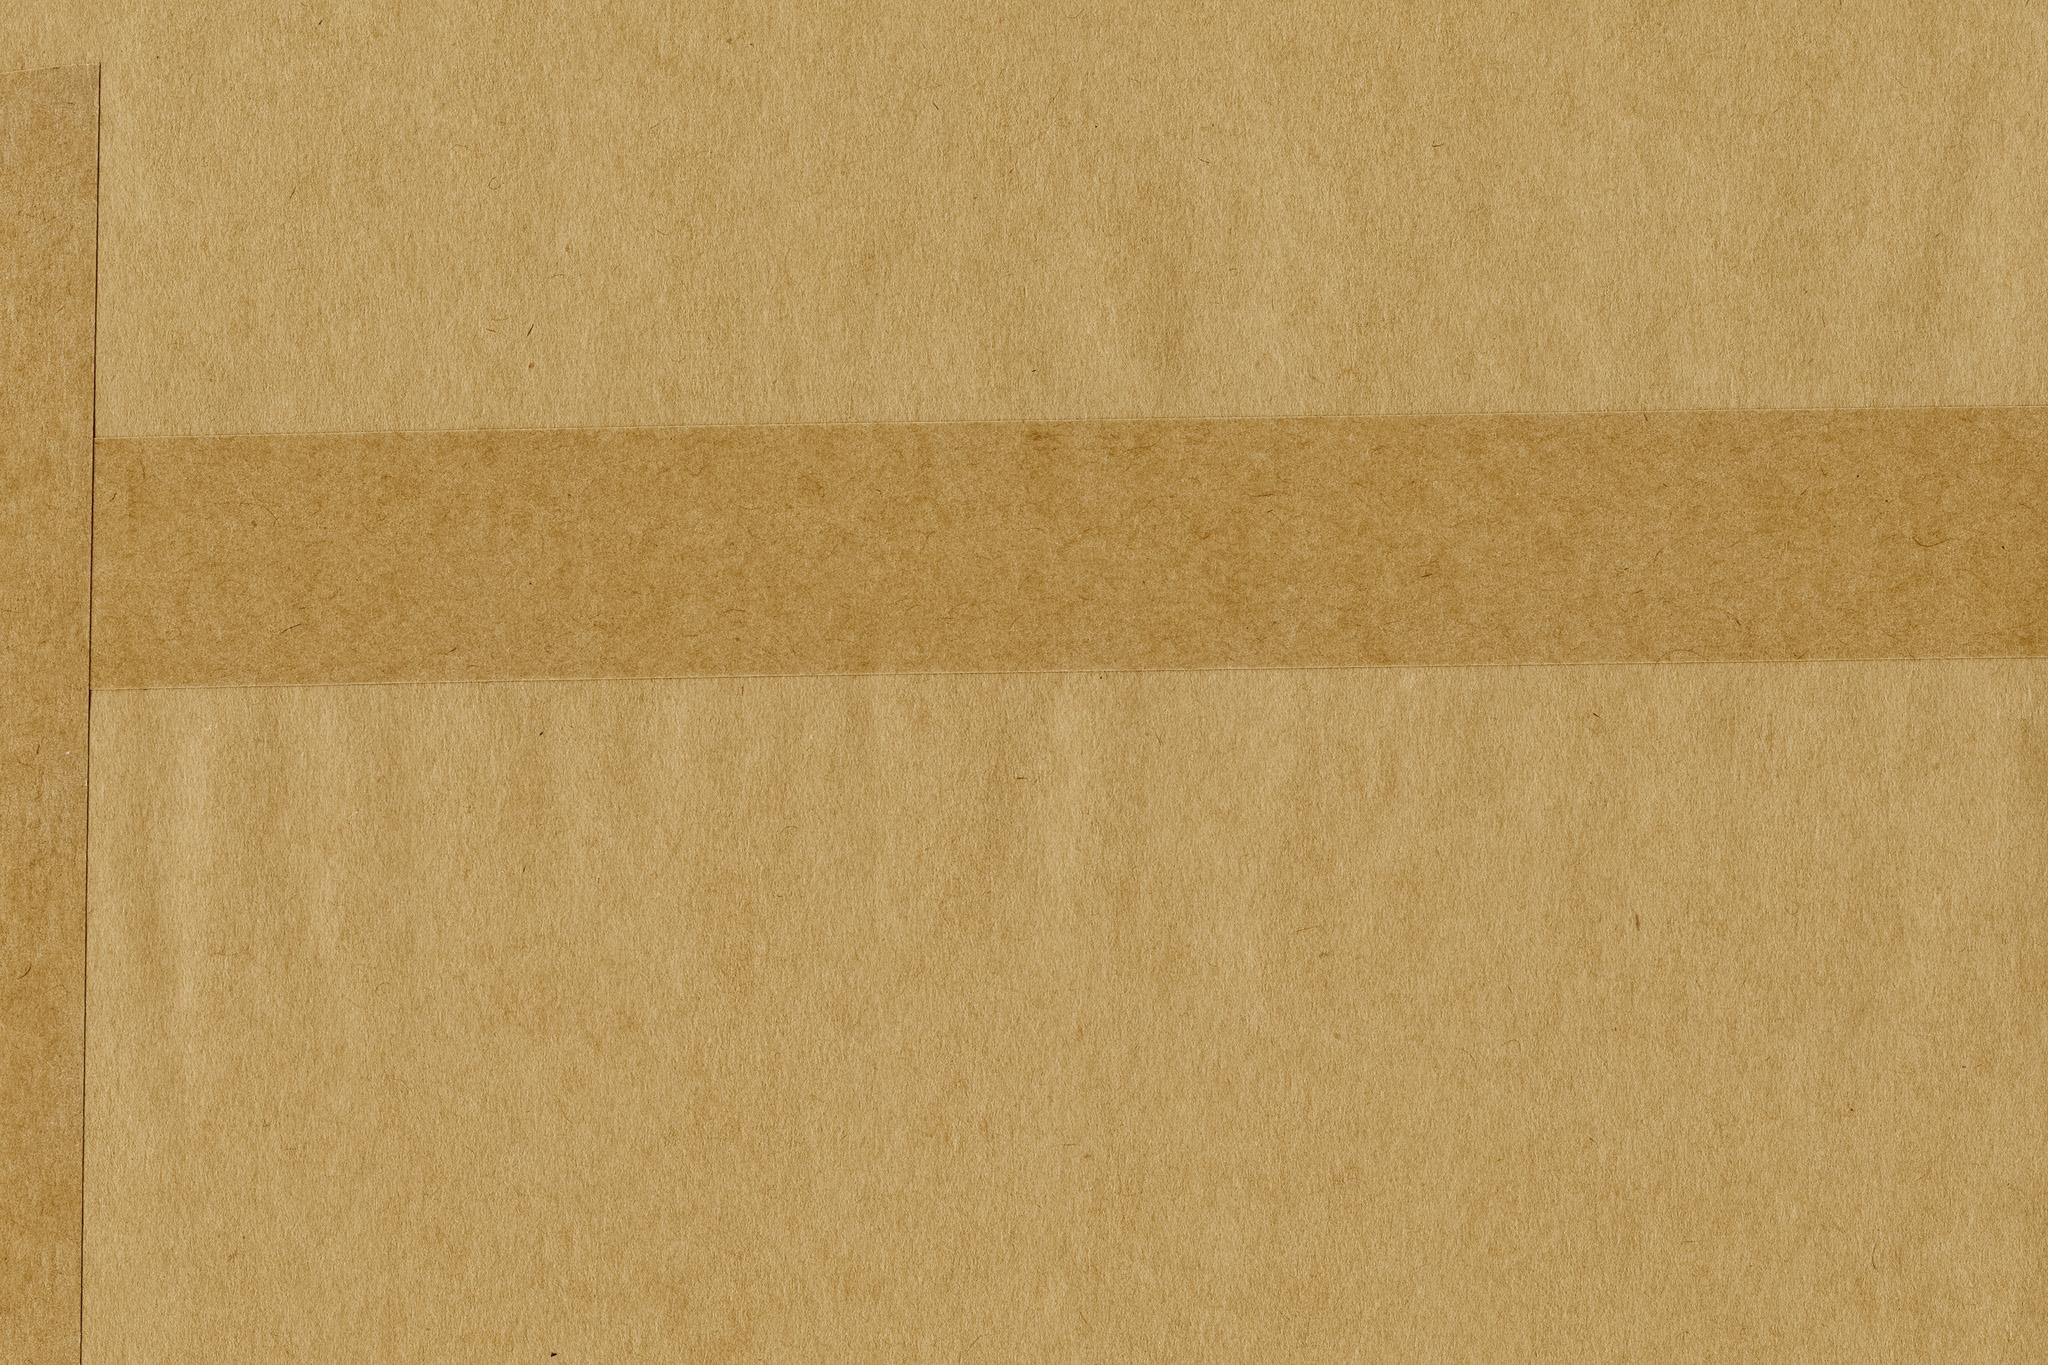 「色々な種類の紙」